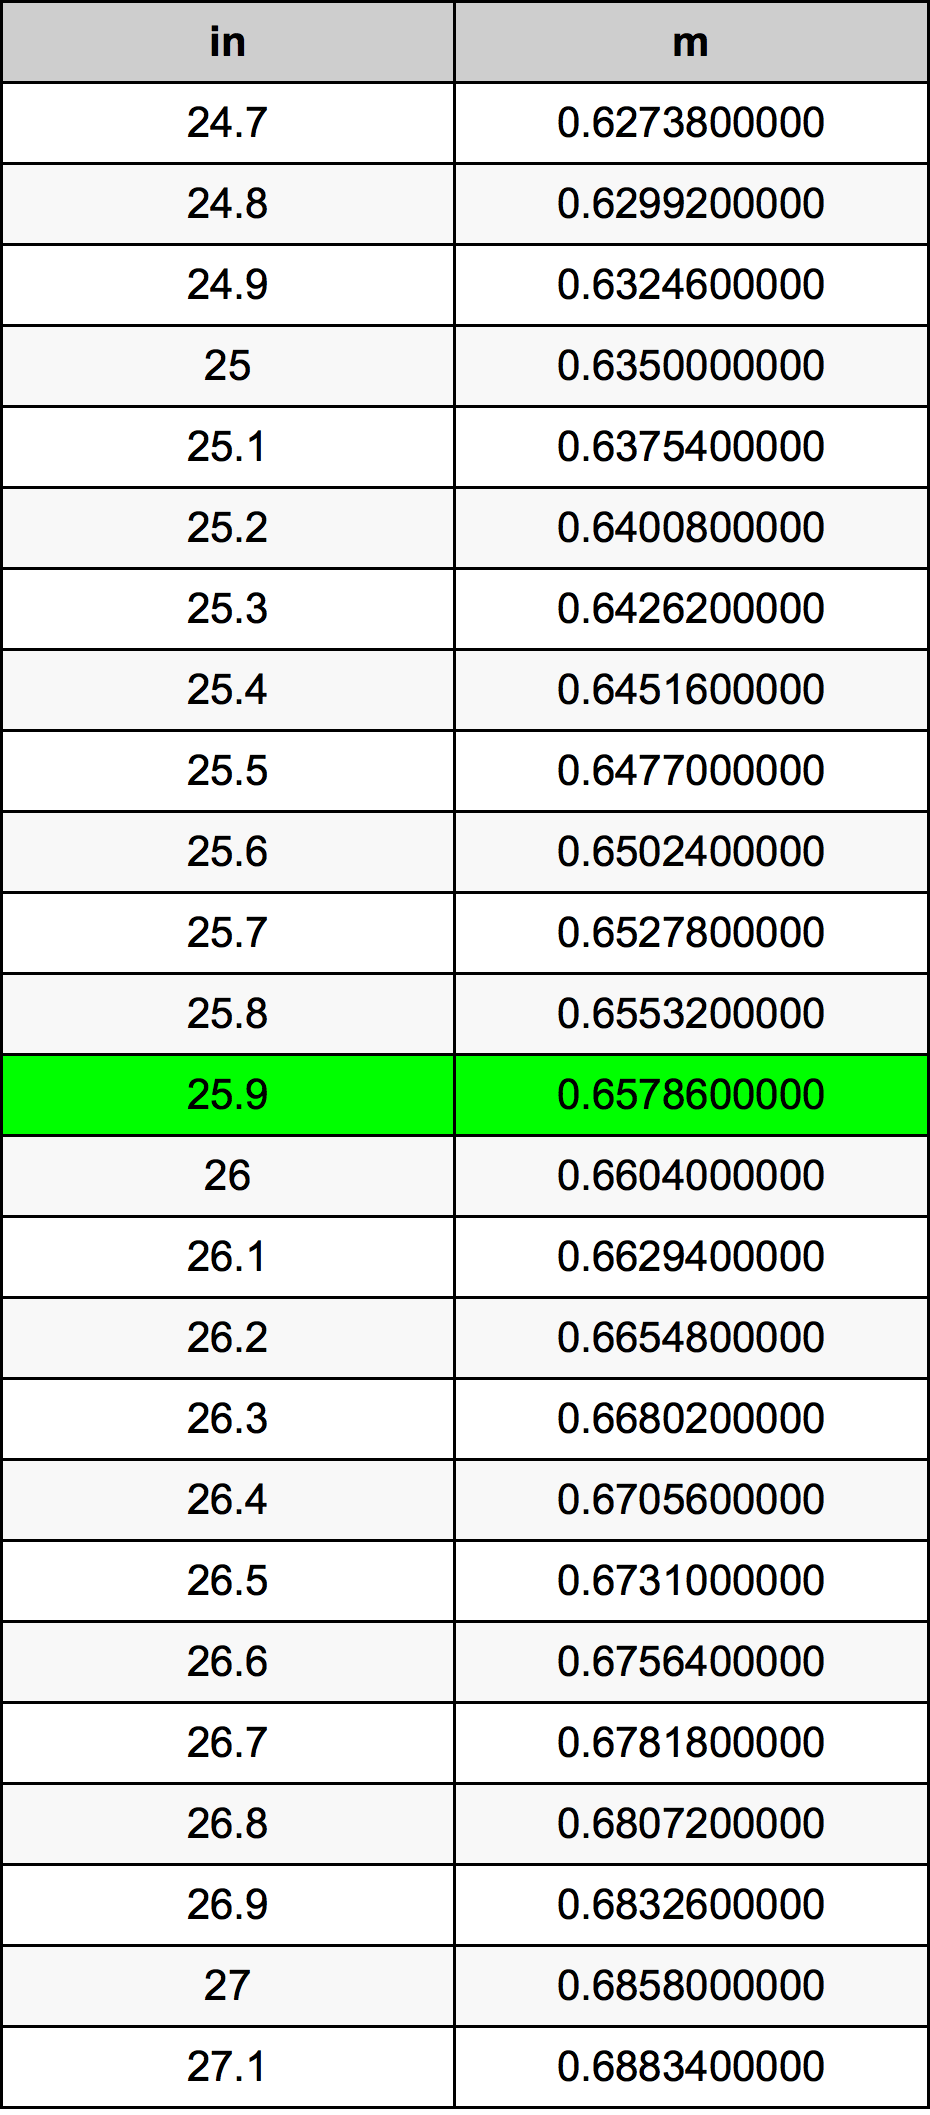 25.9 дюйм Таблиця перетворення